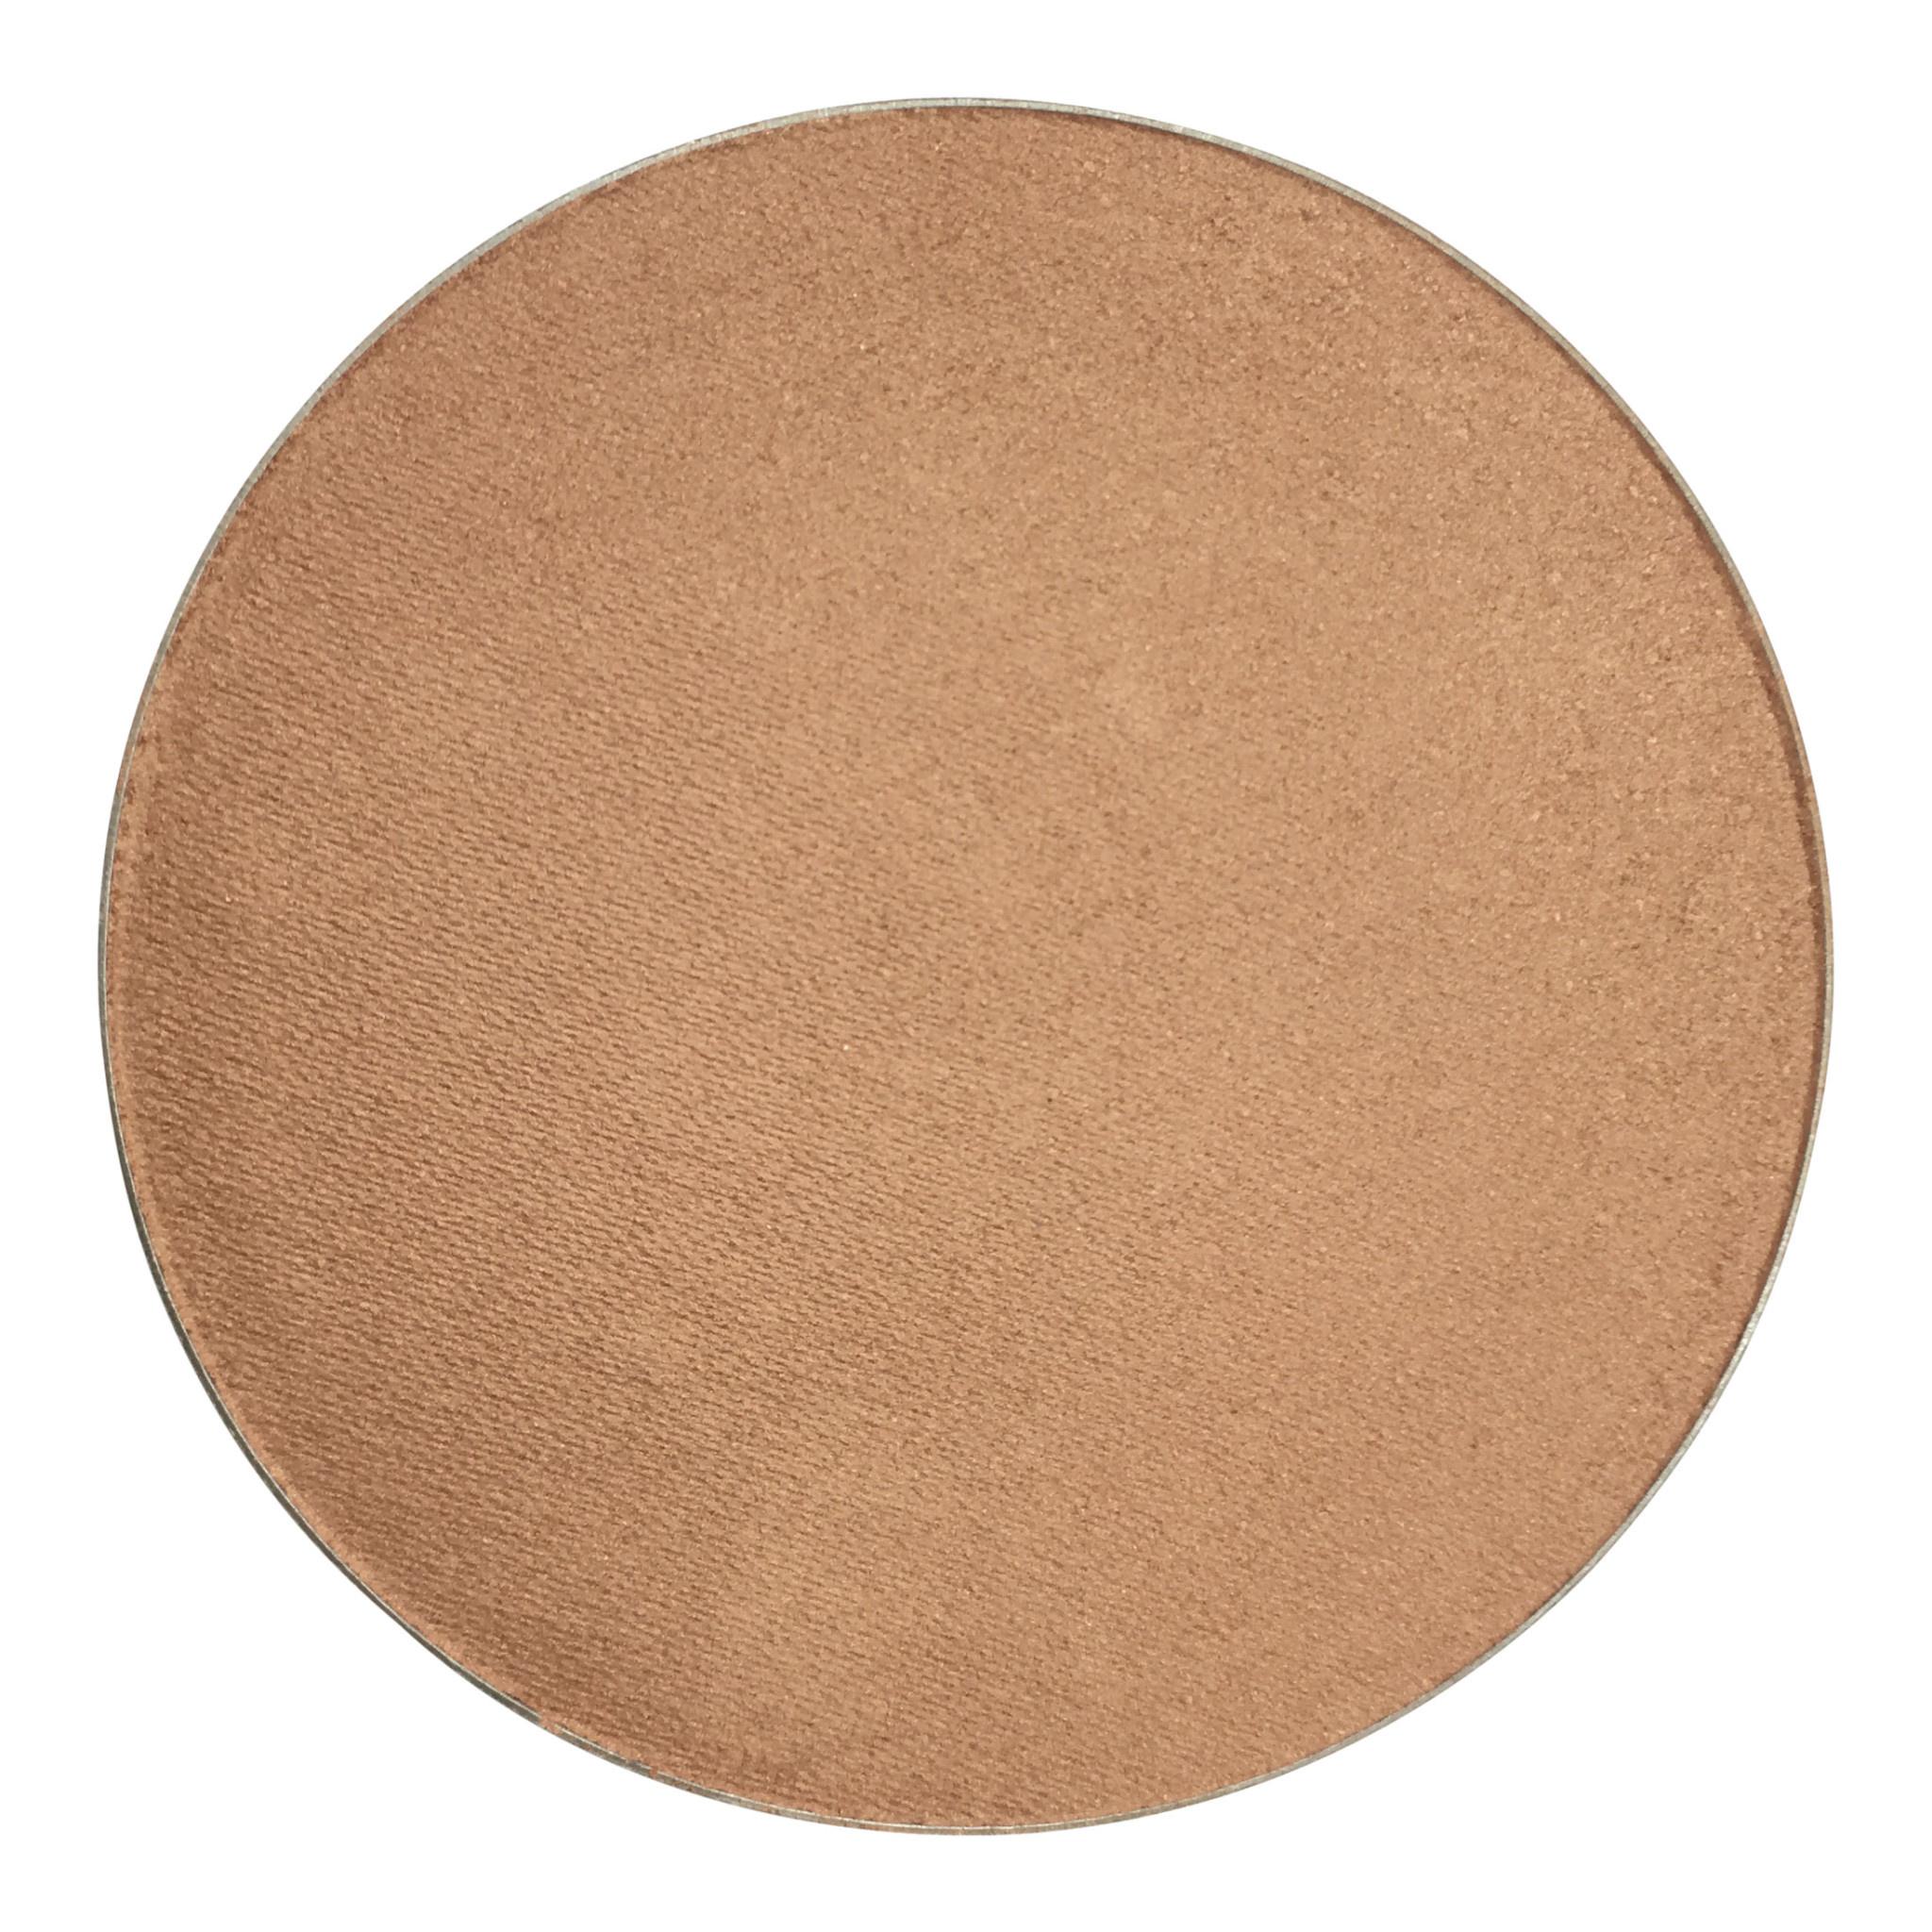 Bronzed Clove Pressed Bronzer/Blush-1